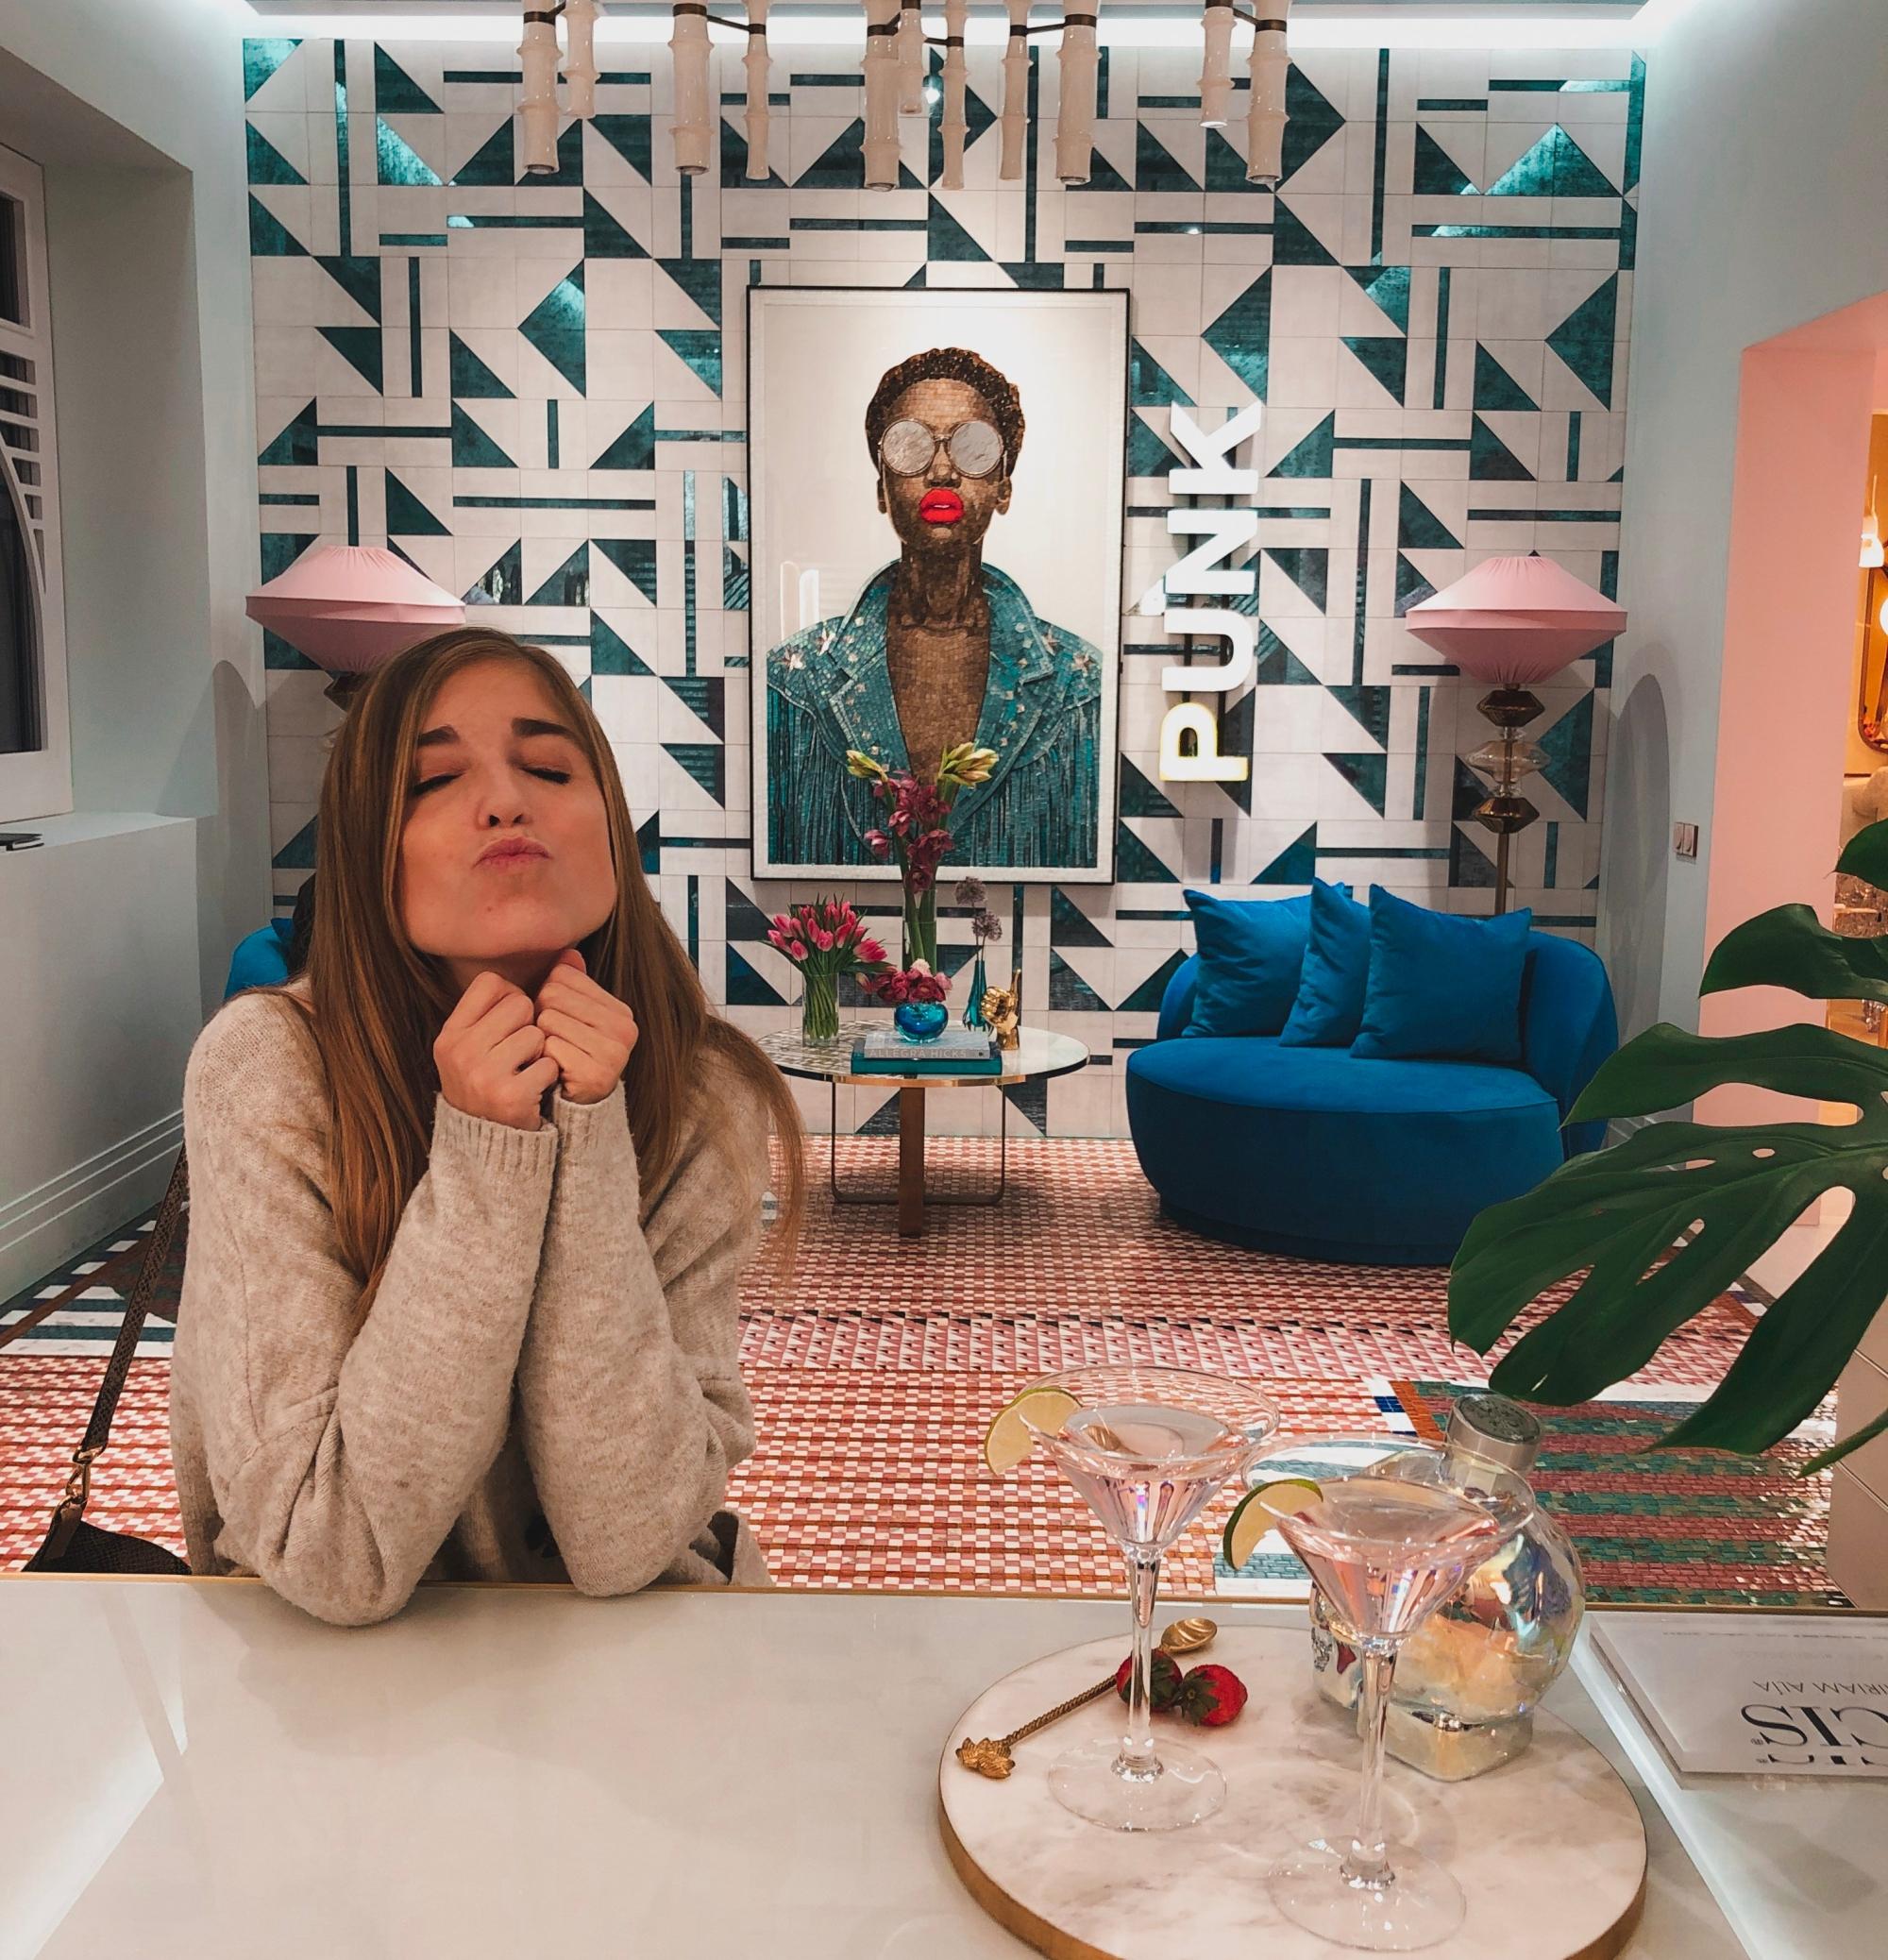 Tendencias decoración | casa decor 2019